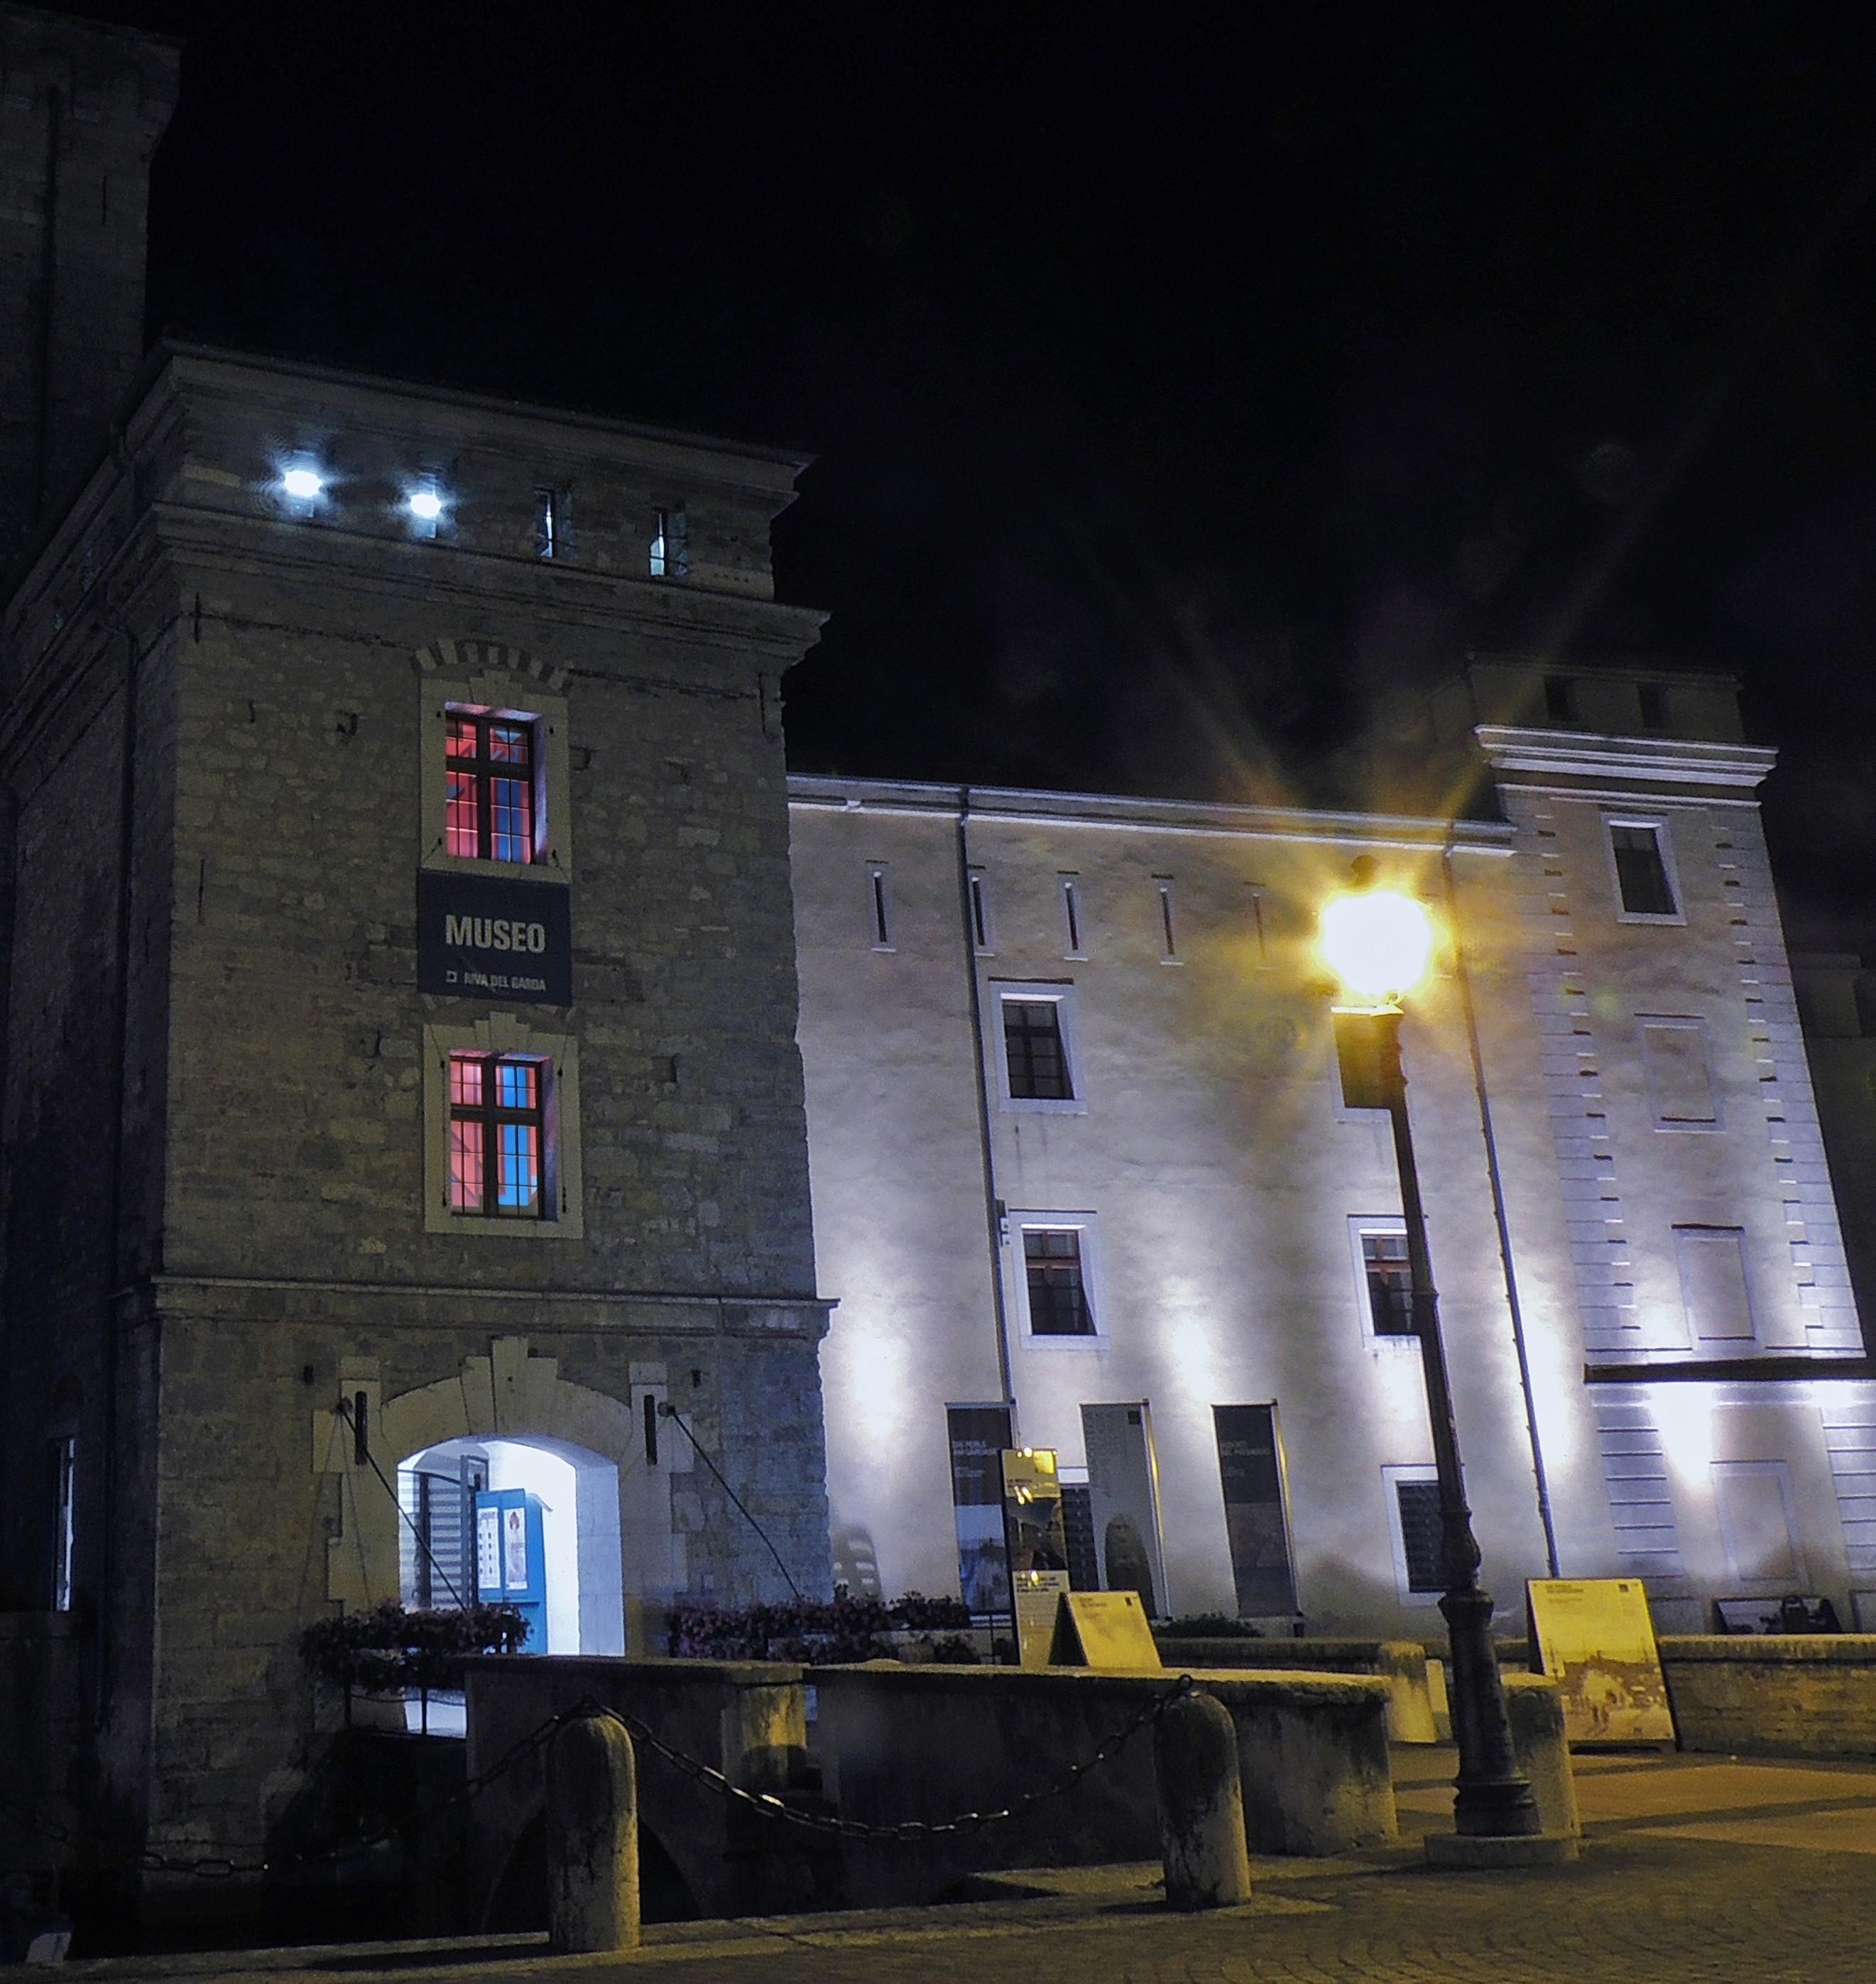 MAG, Riva del Garda (TN)